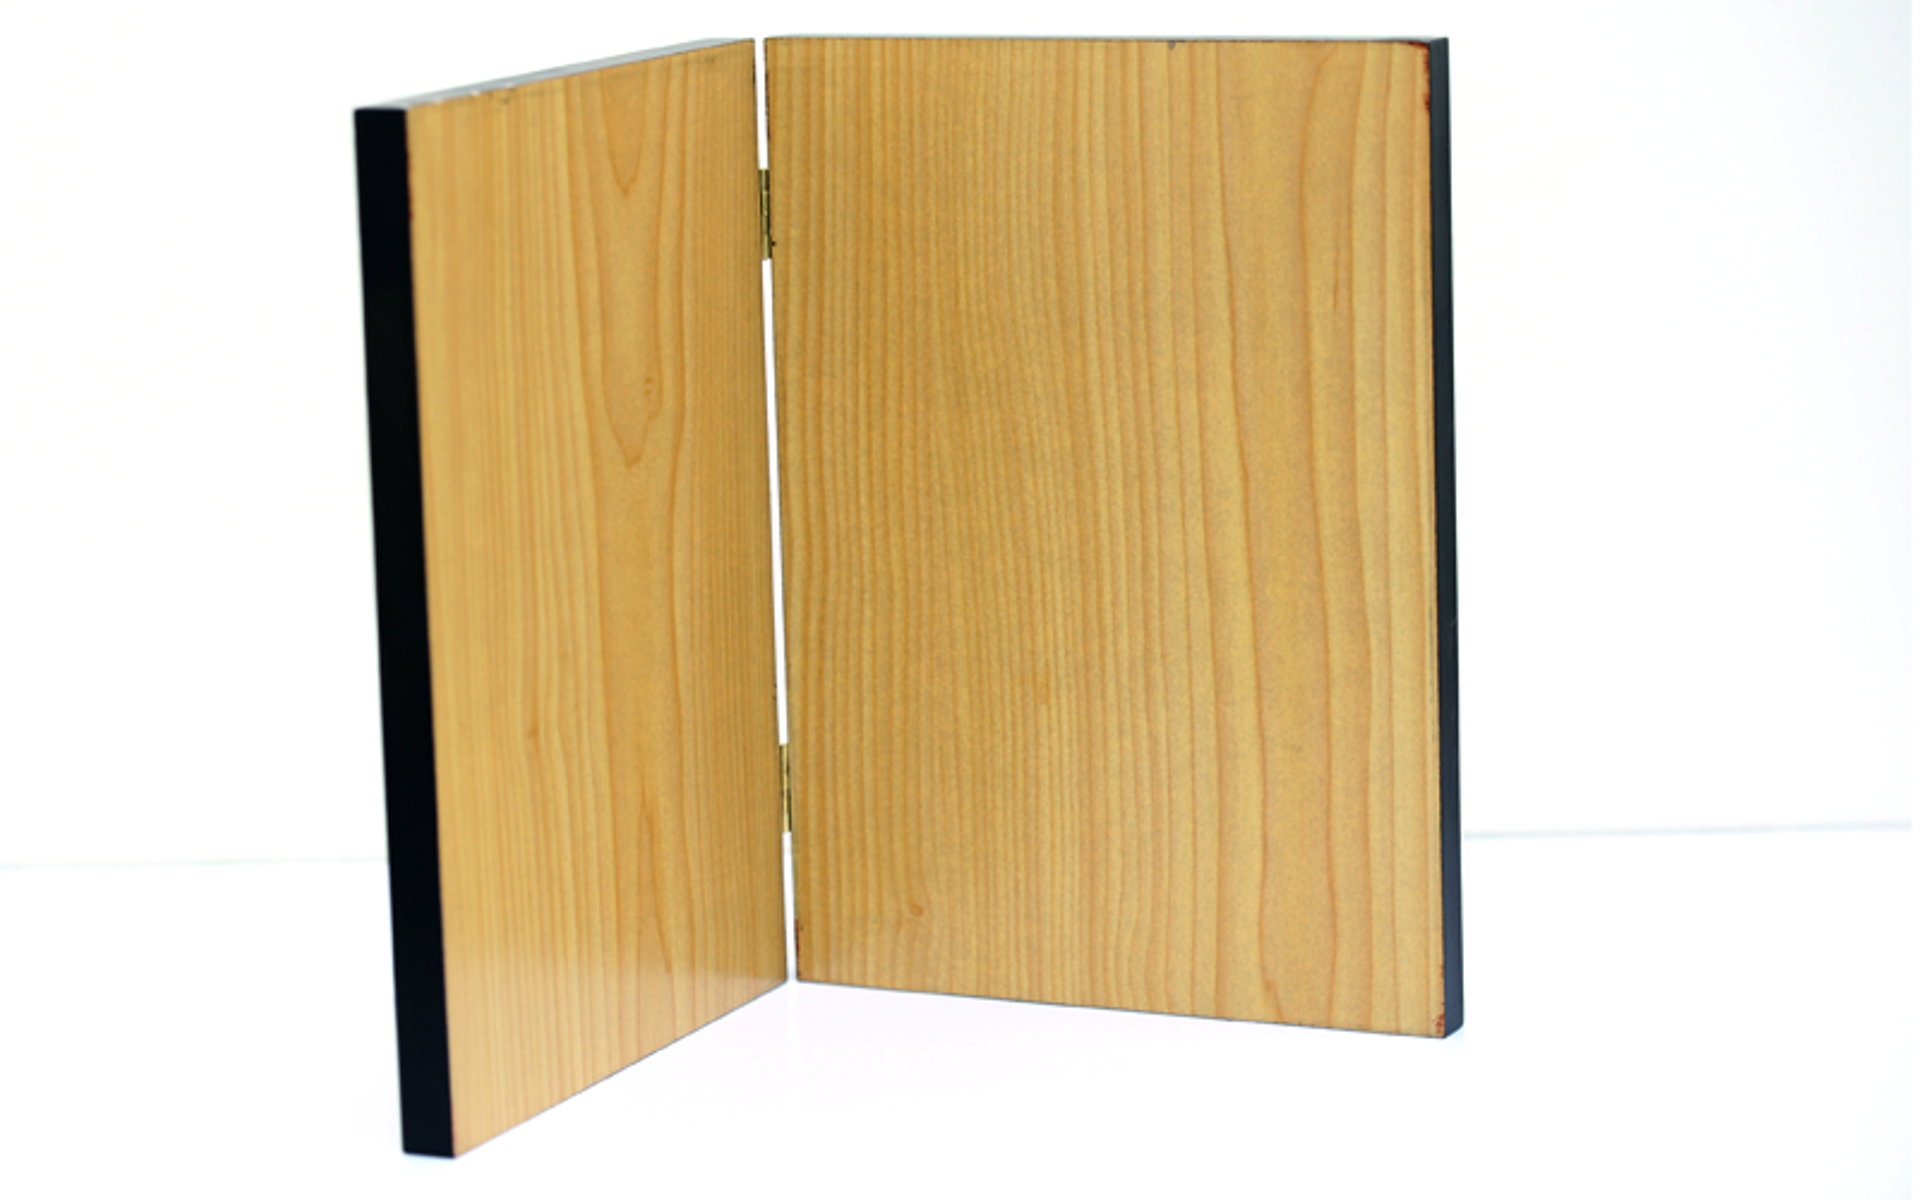 מגן הוקרה מעוצב מעץ איכותי ביותר לשולחן עם רגלית  או לתלייה דגם 449..